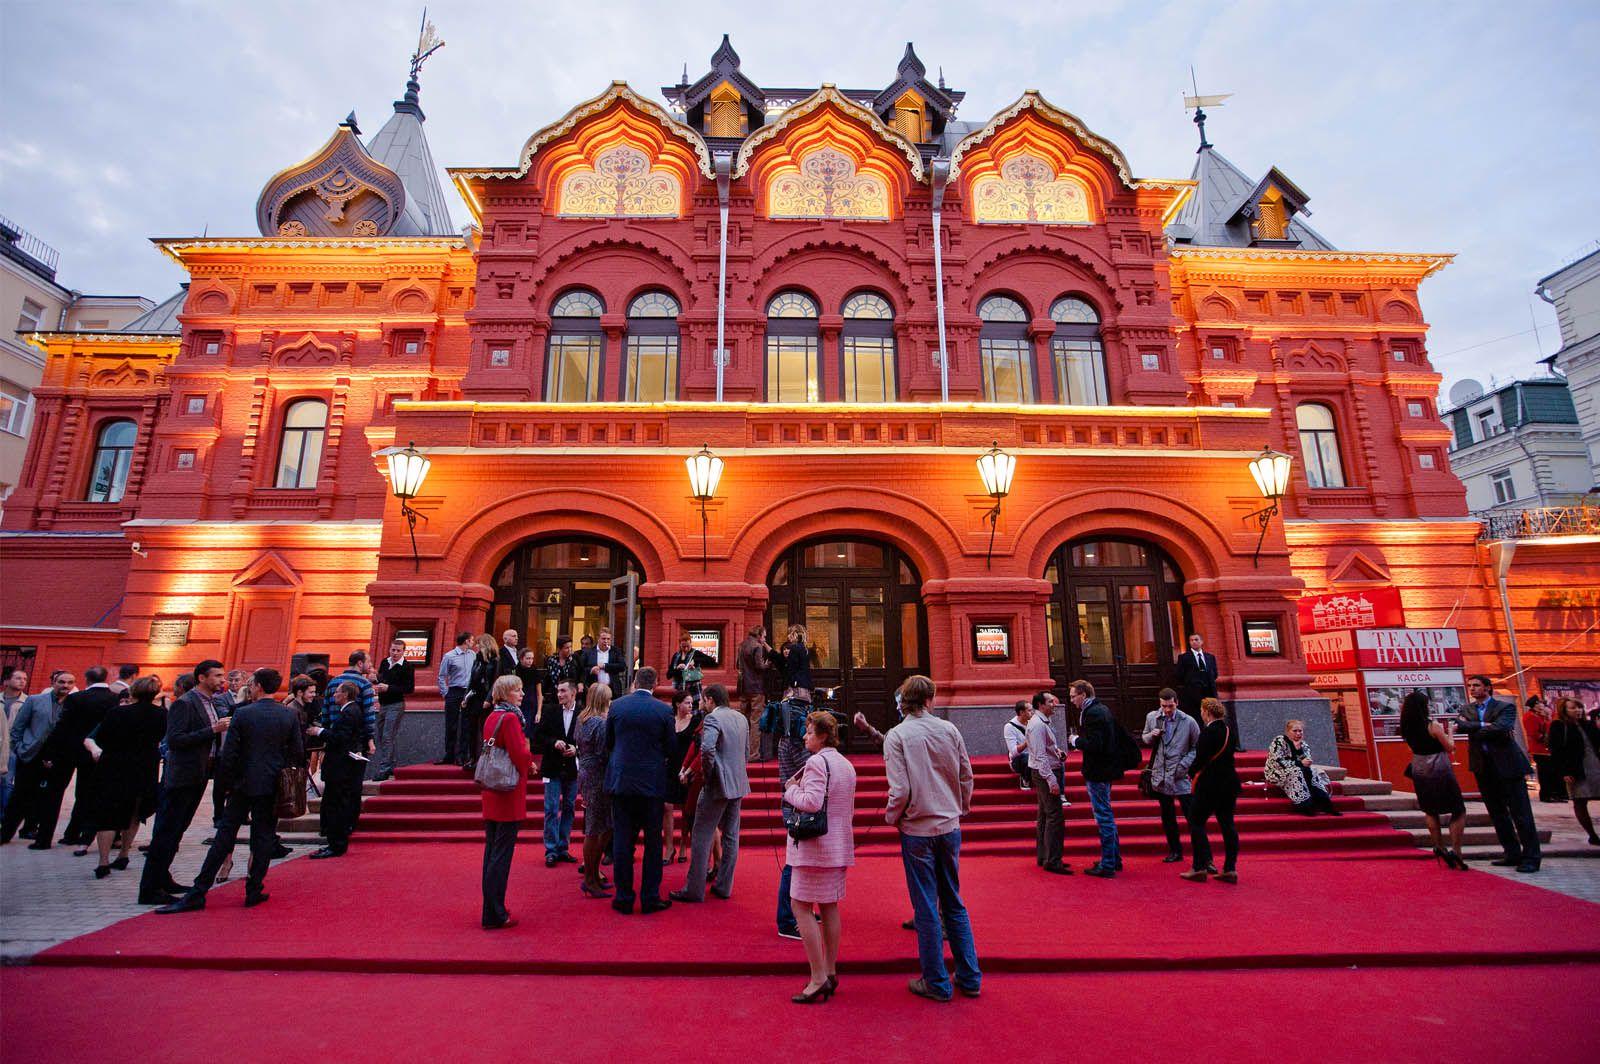 Политика: Внутренняя политика России: В Москве проходит благотворительный концерт